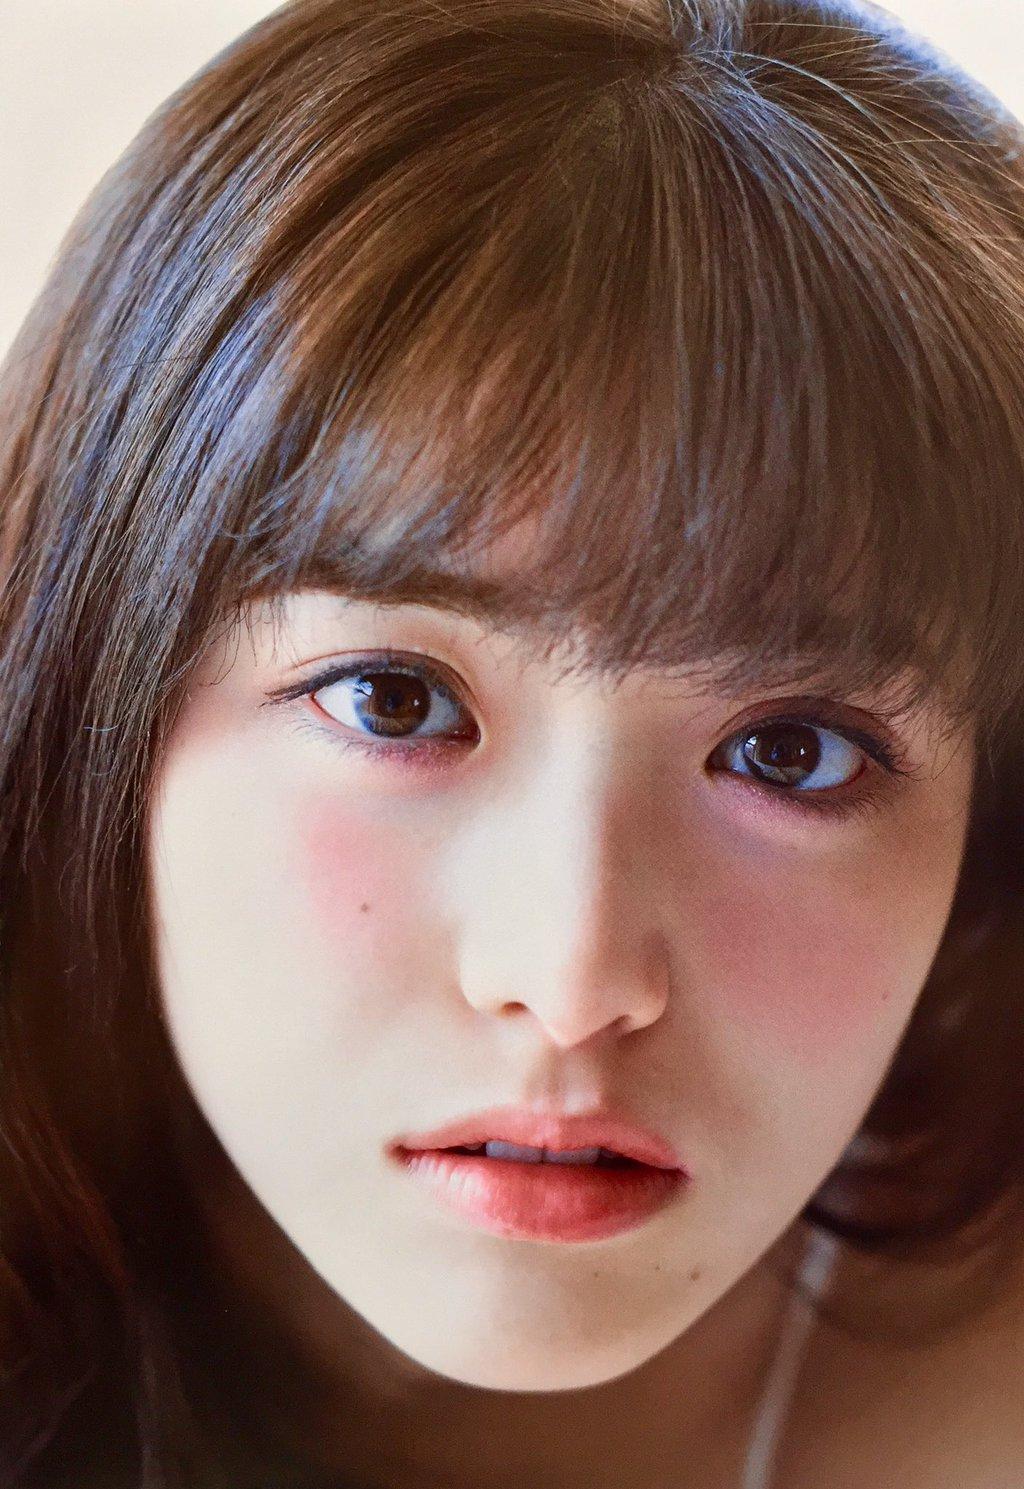 乃木坂46松村沙友理の写真集水着姿のエロ画像100枚・11枚目の画像